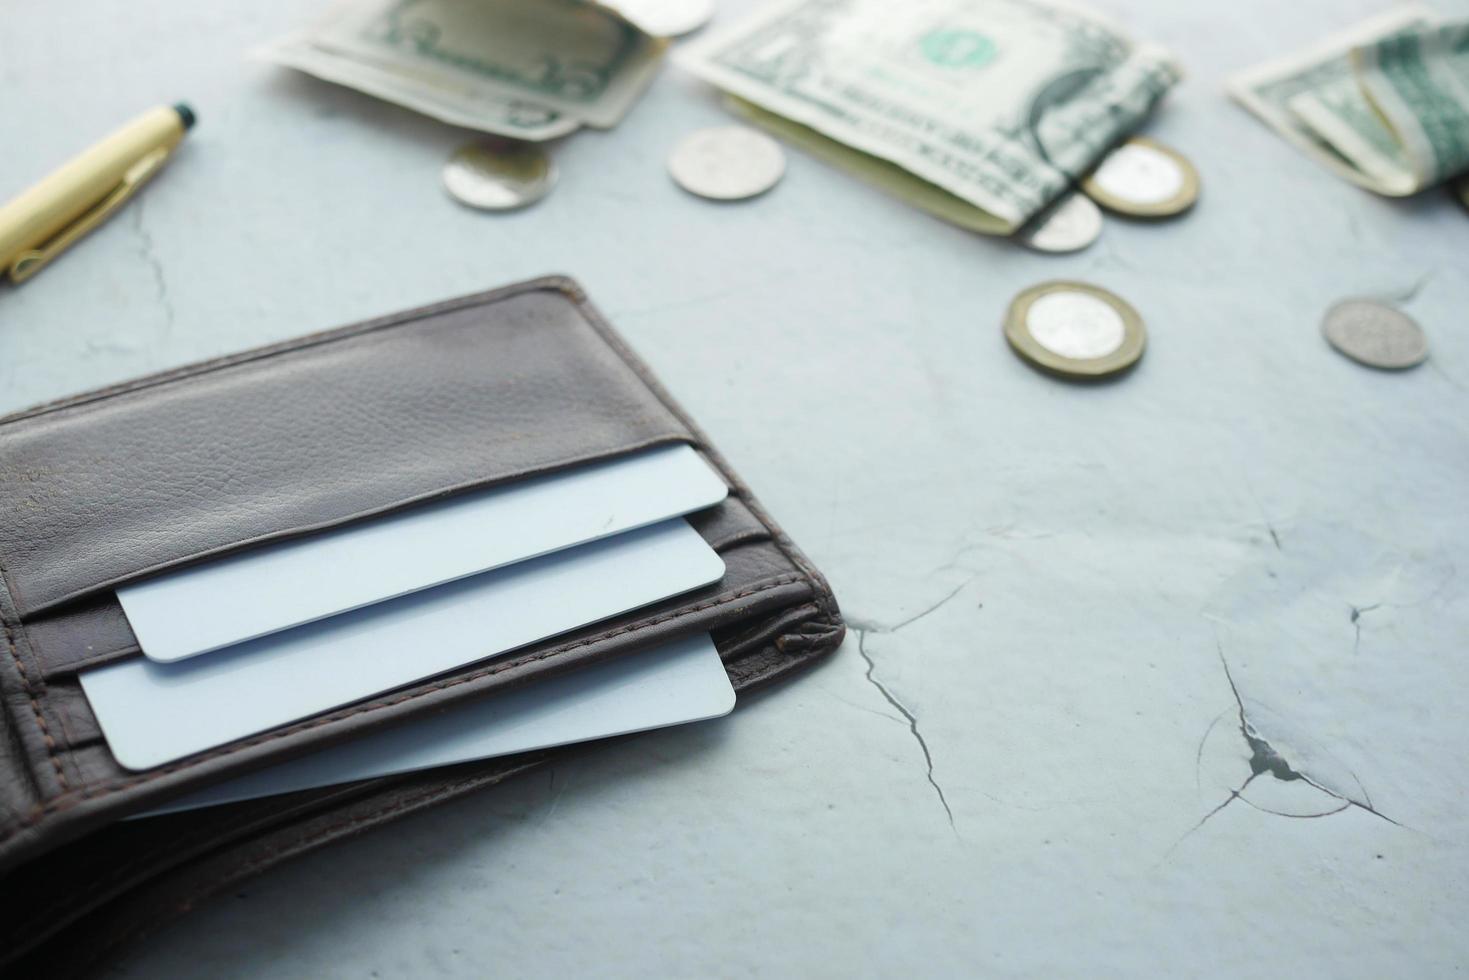 Cierre de tarjetas de crédito en la billetera sobre fondo blanco. foto